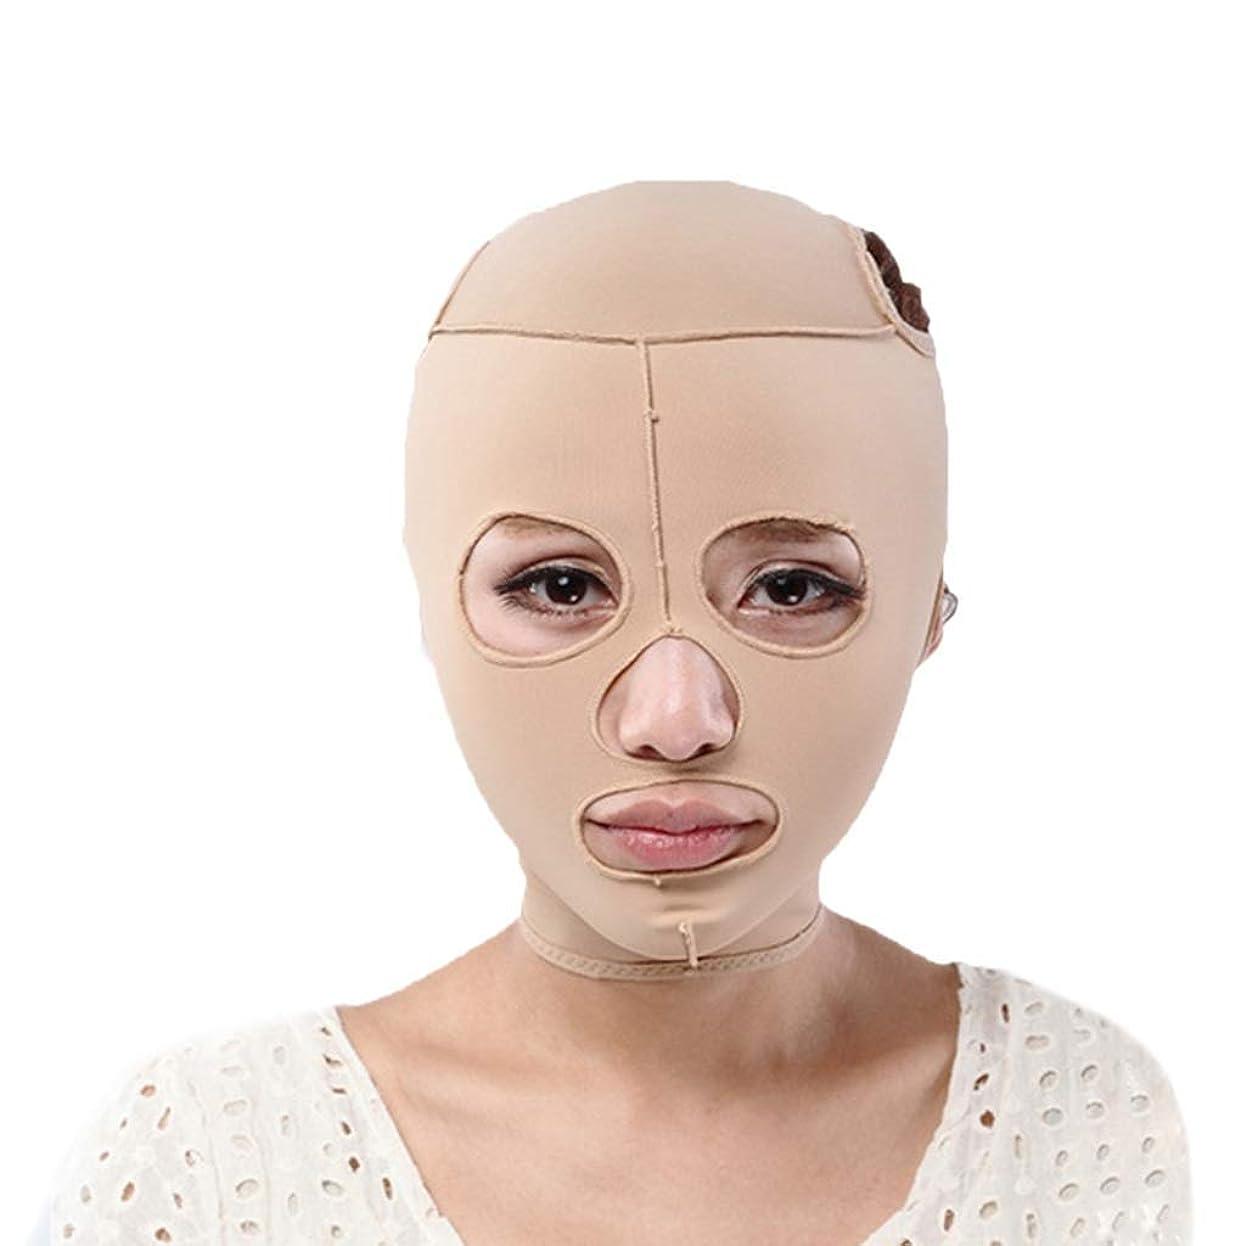 特異性冷蔵するテメリティチンストラップ、顔の減量アンチシワマスク、快適な通気性マスク付きオールインクルーシブフェイス、薄型フェイスマスクリフティング包帯引き締め(サイズ:S),M